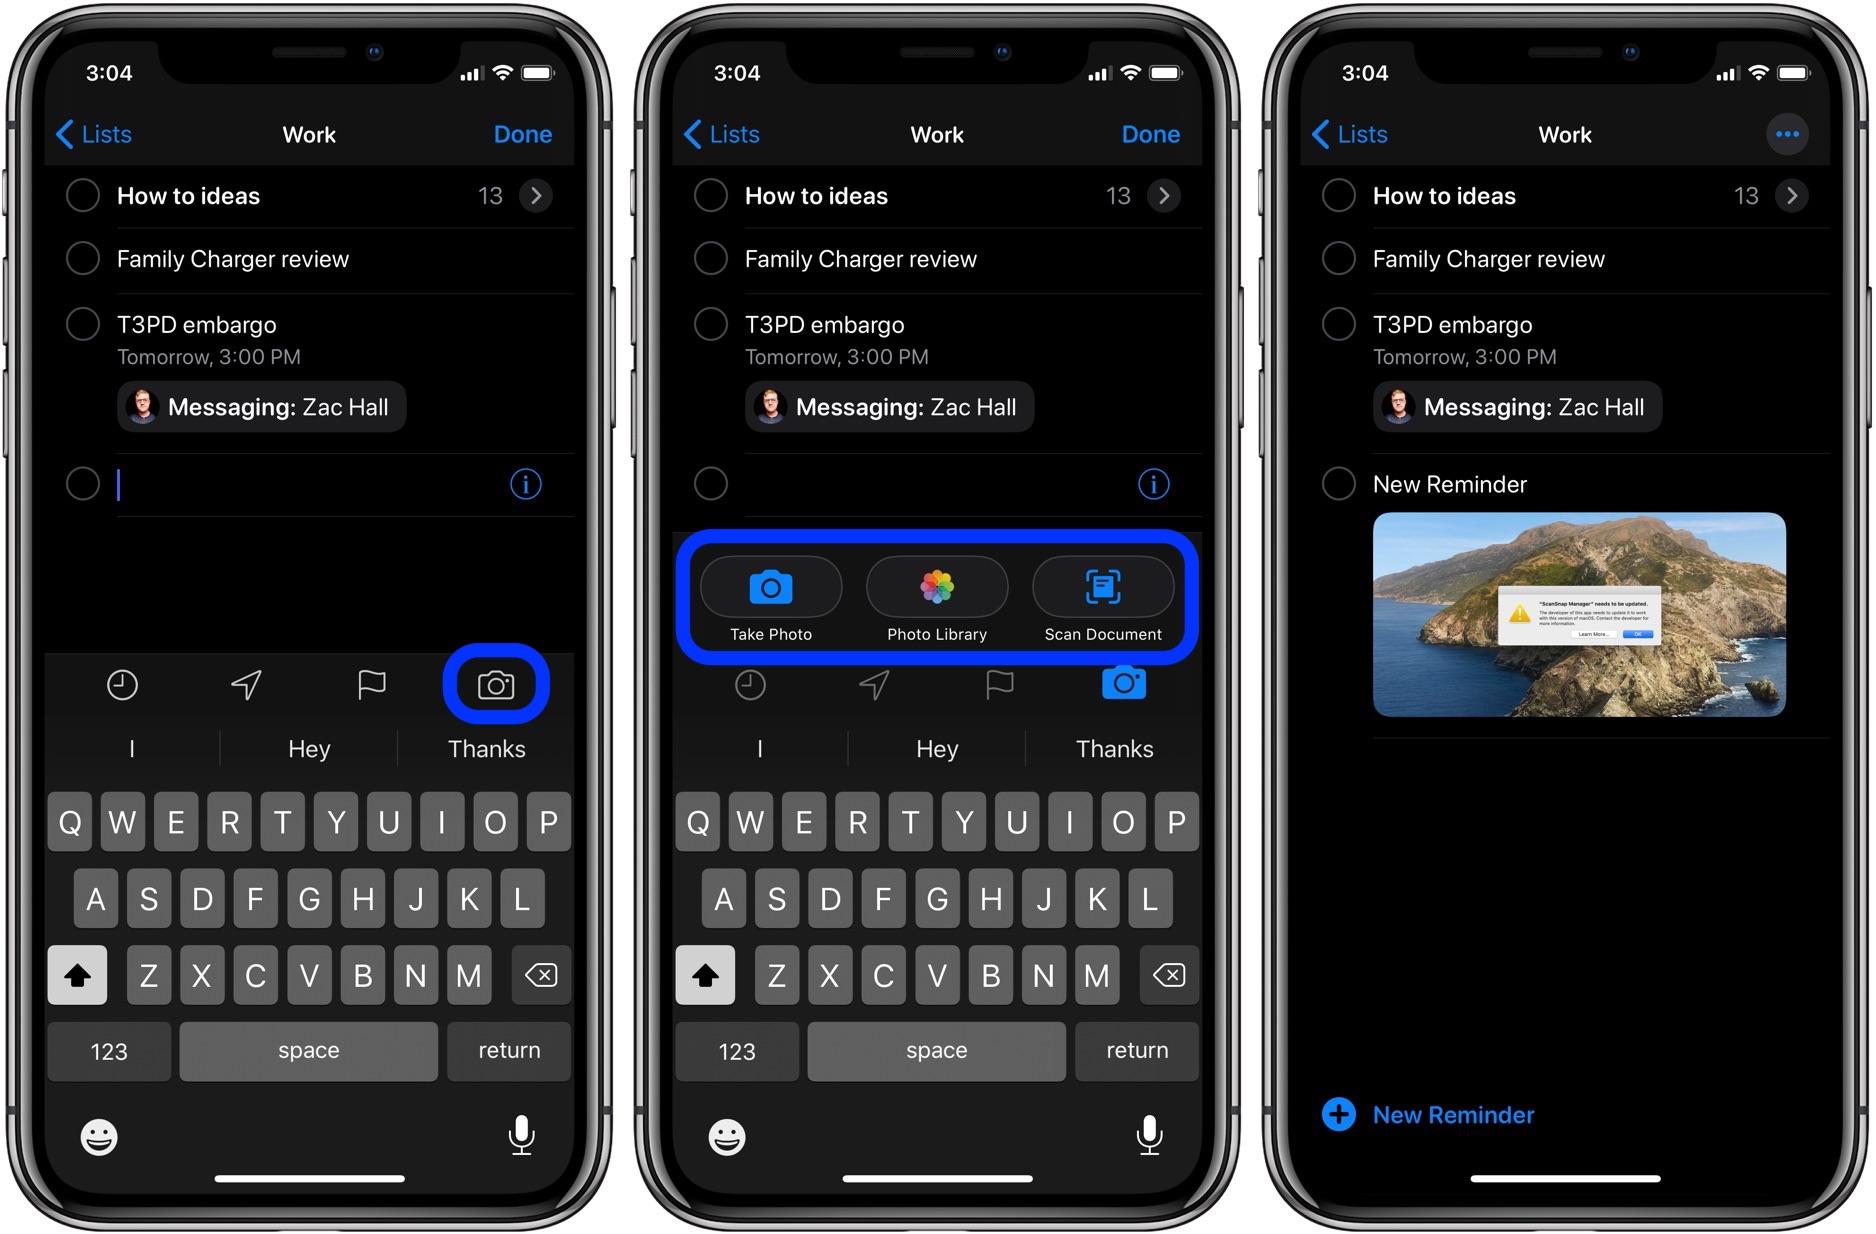 iOS 13 教程:如何在向某人發送信息時觸發提醒事項?